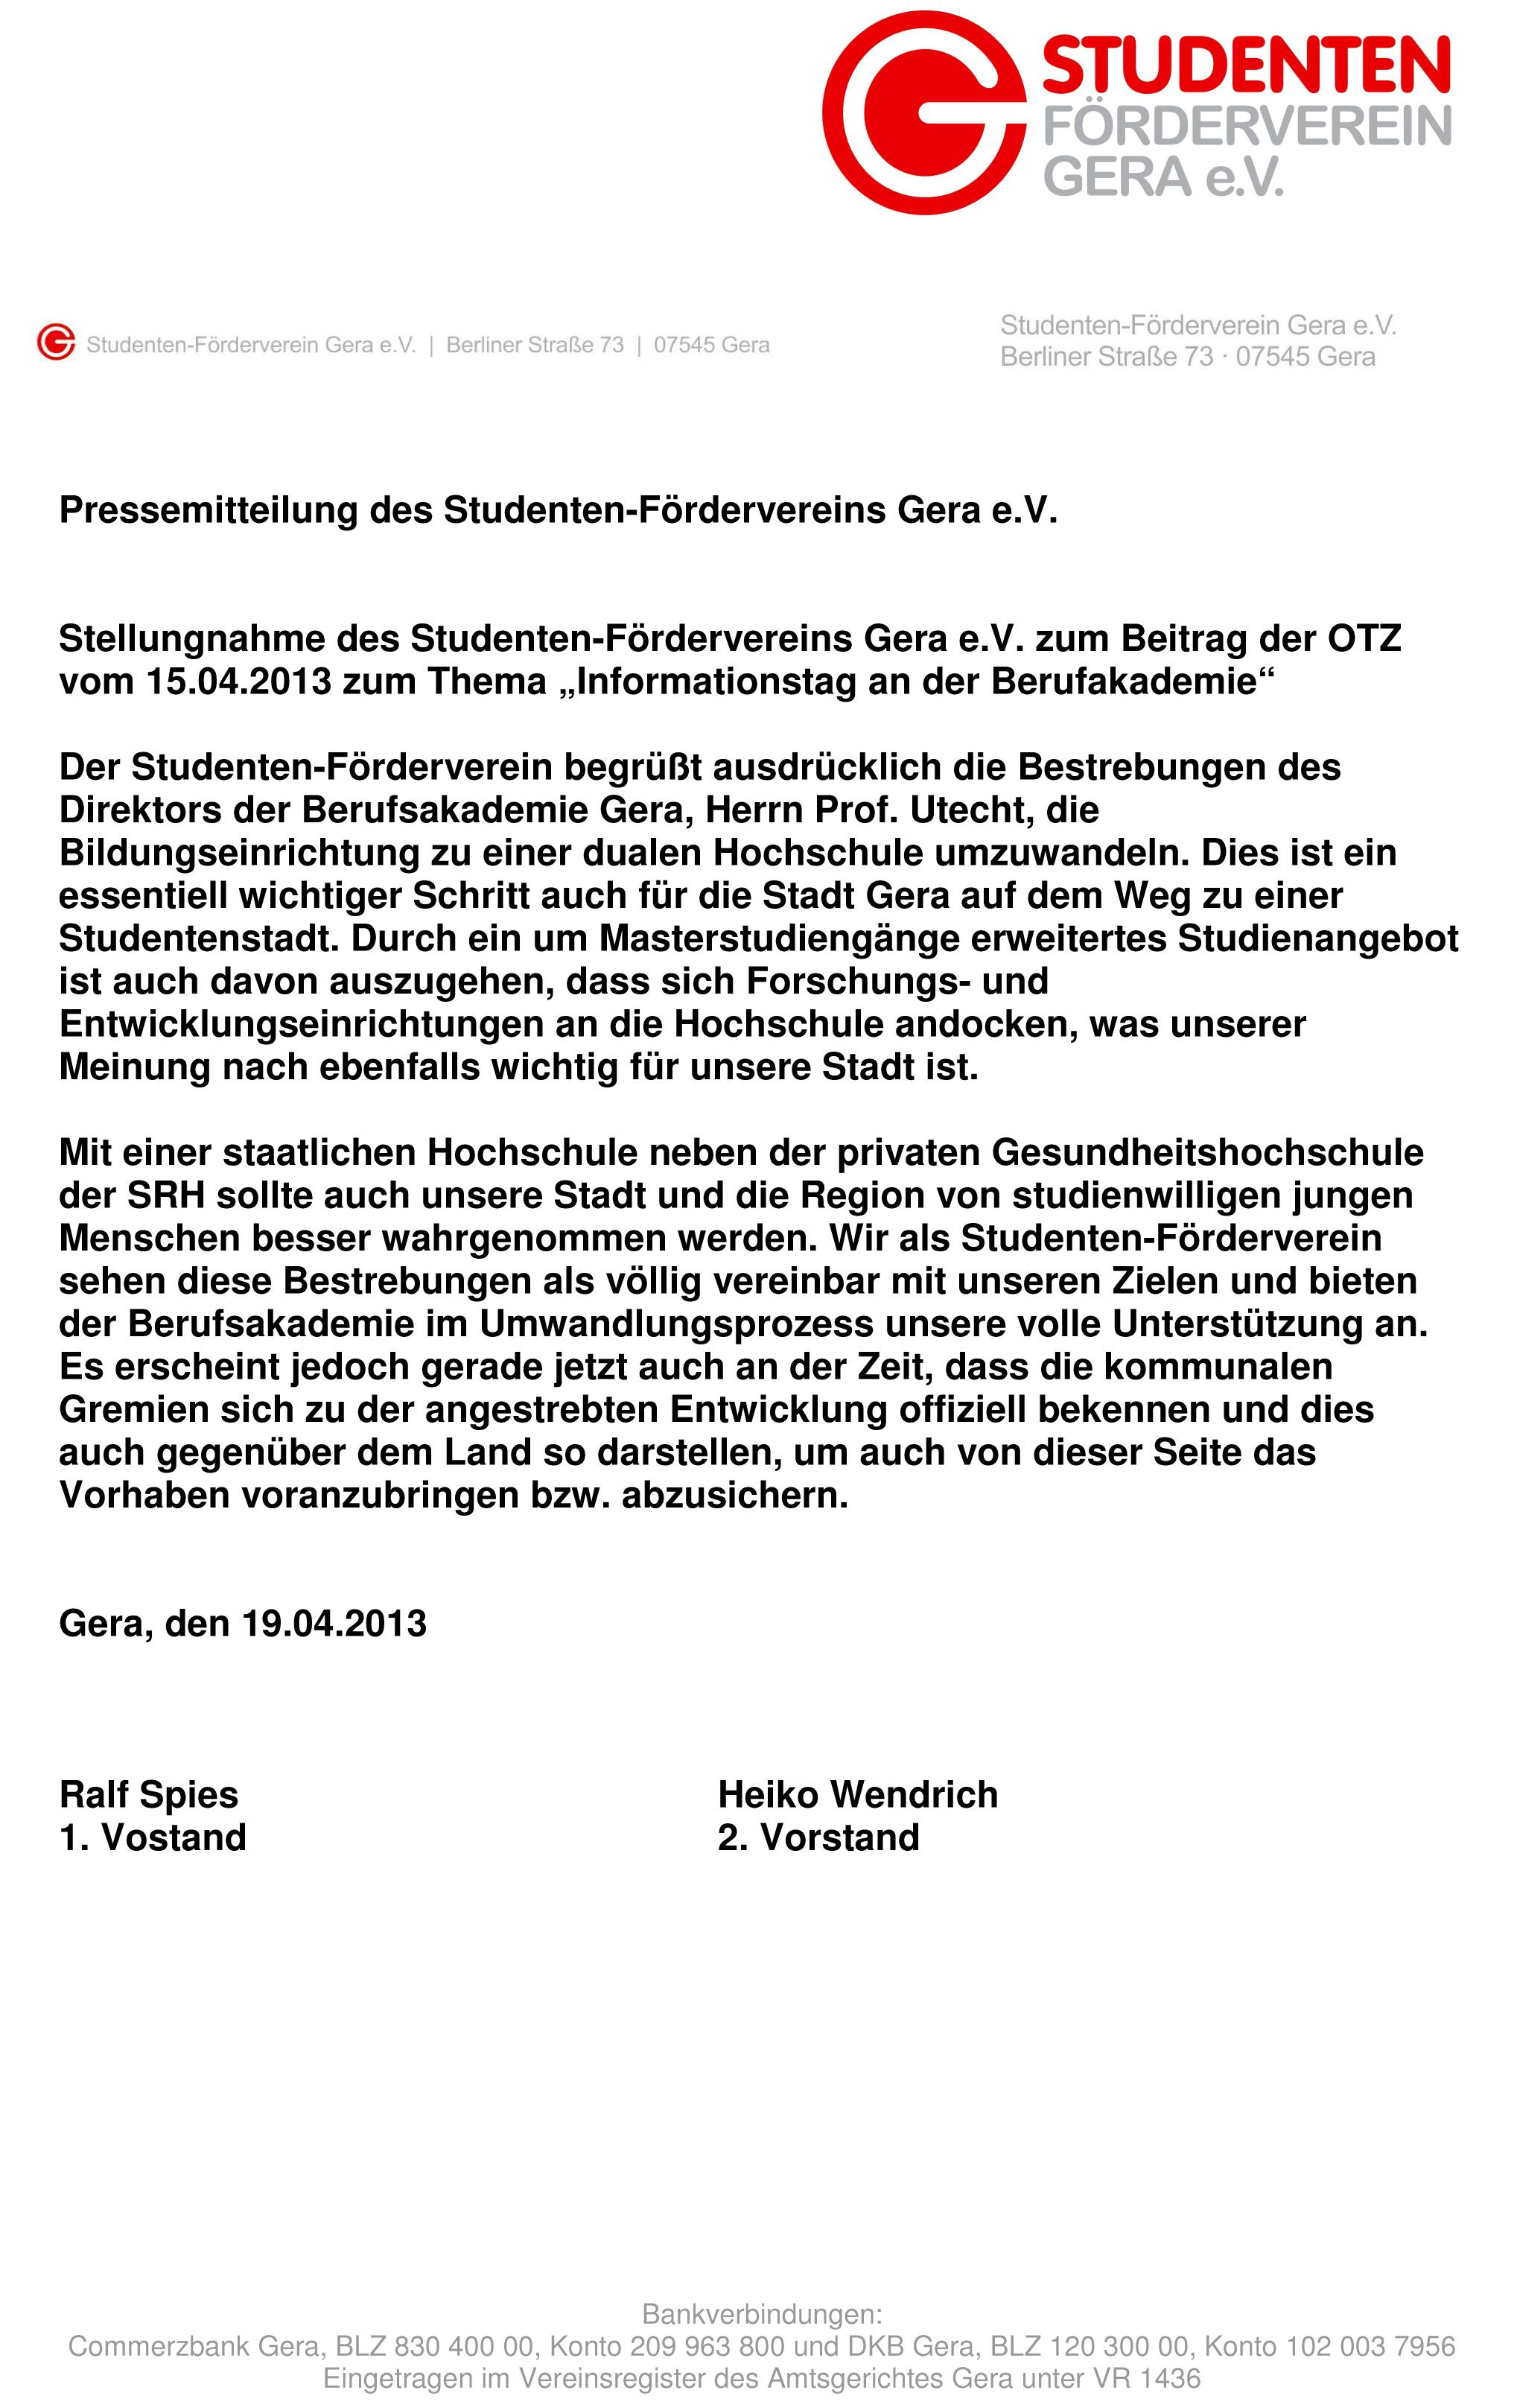 Pressemittelung130419